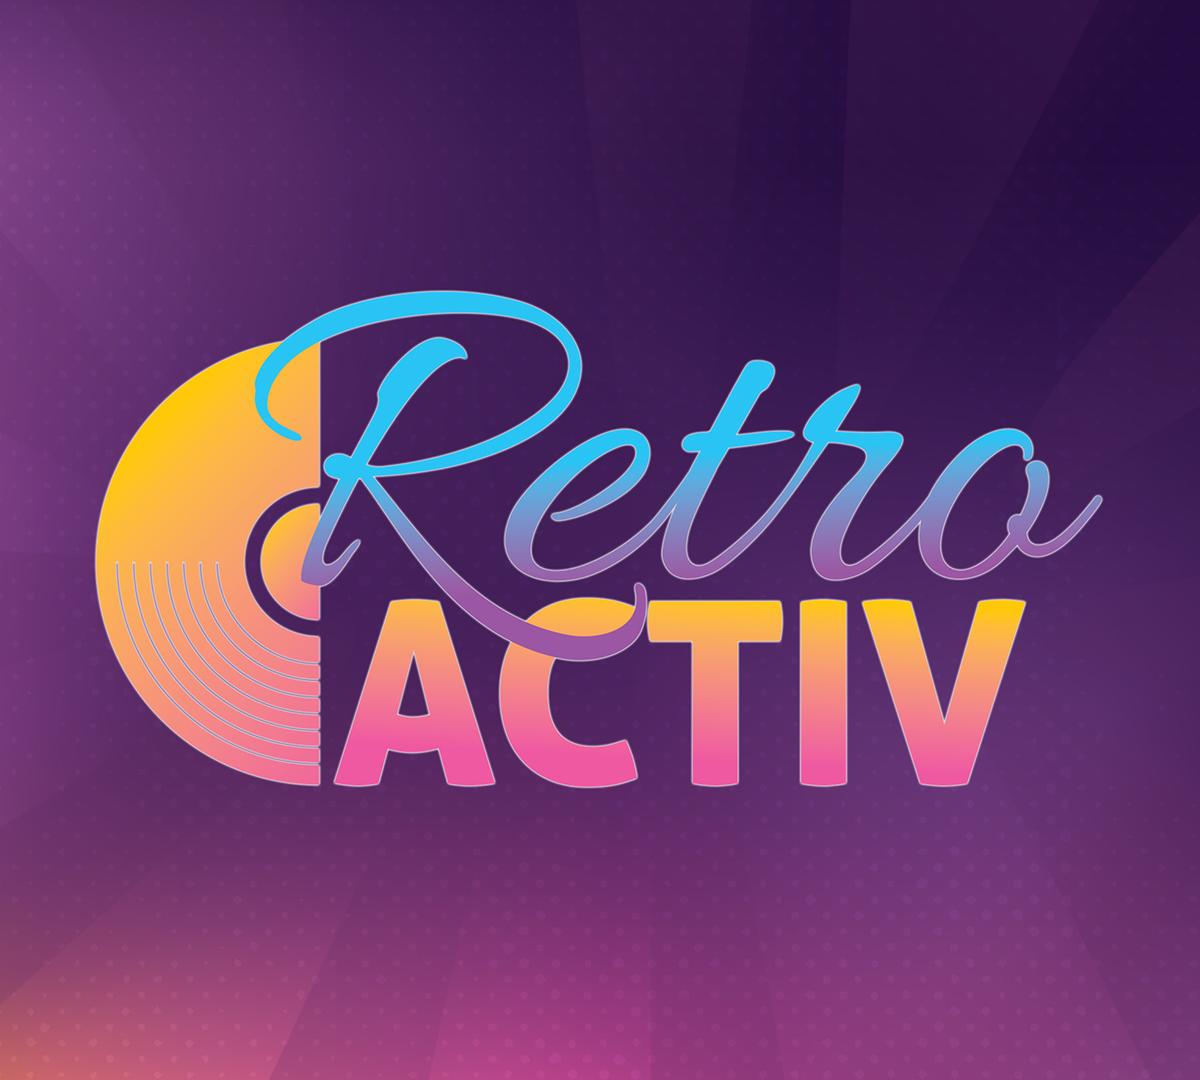 Retro Activ